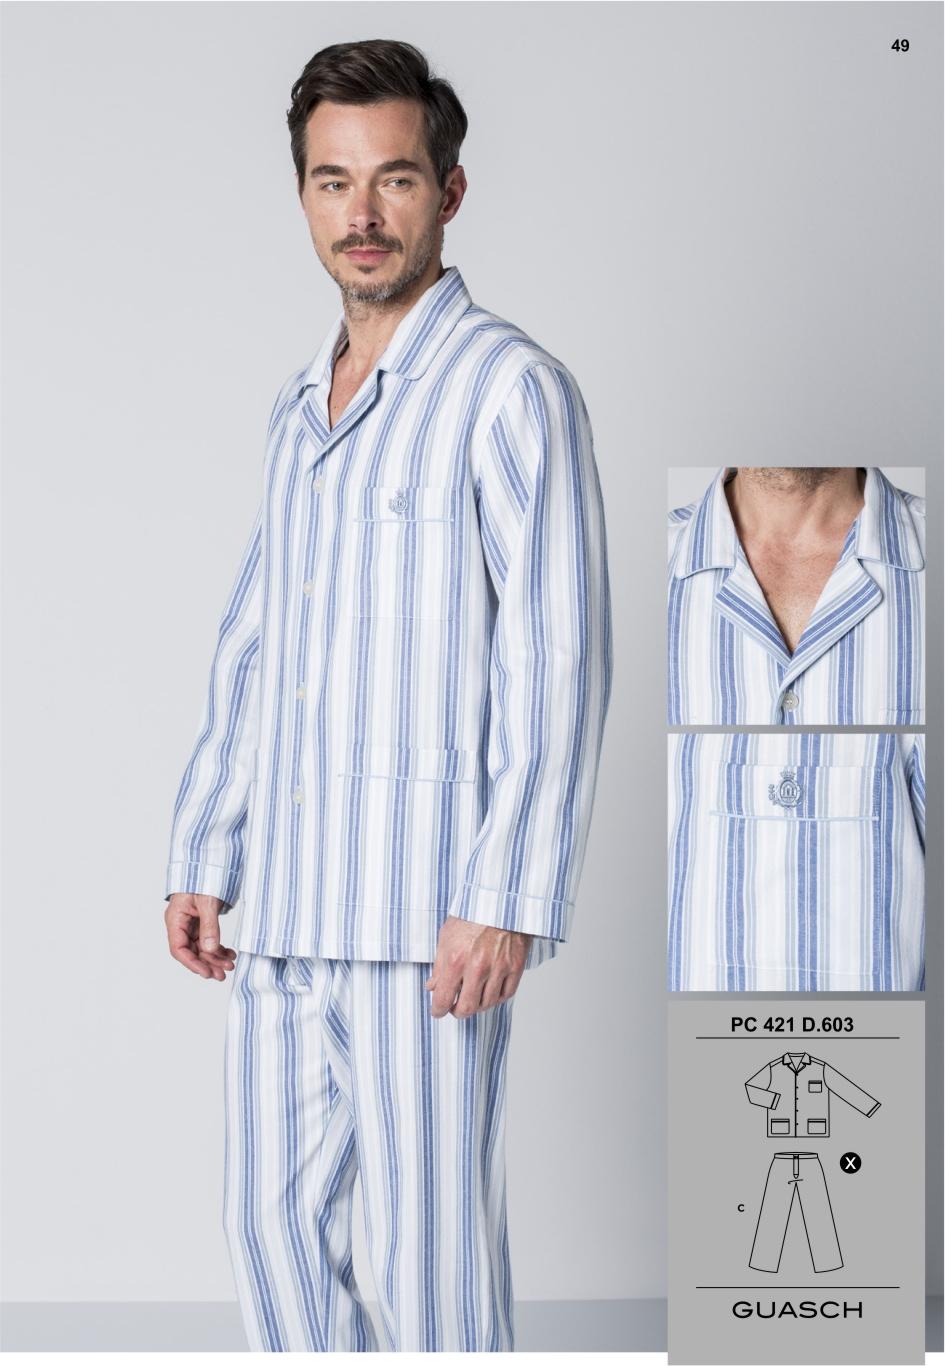 a6e63e7f5 Pijama Abierto Franela Guasch - Pijamas y Batas Hombre - Tiendas ...